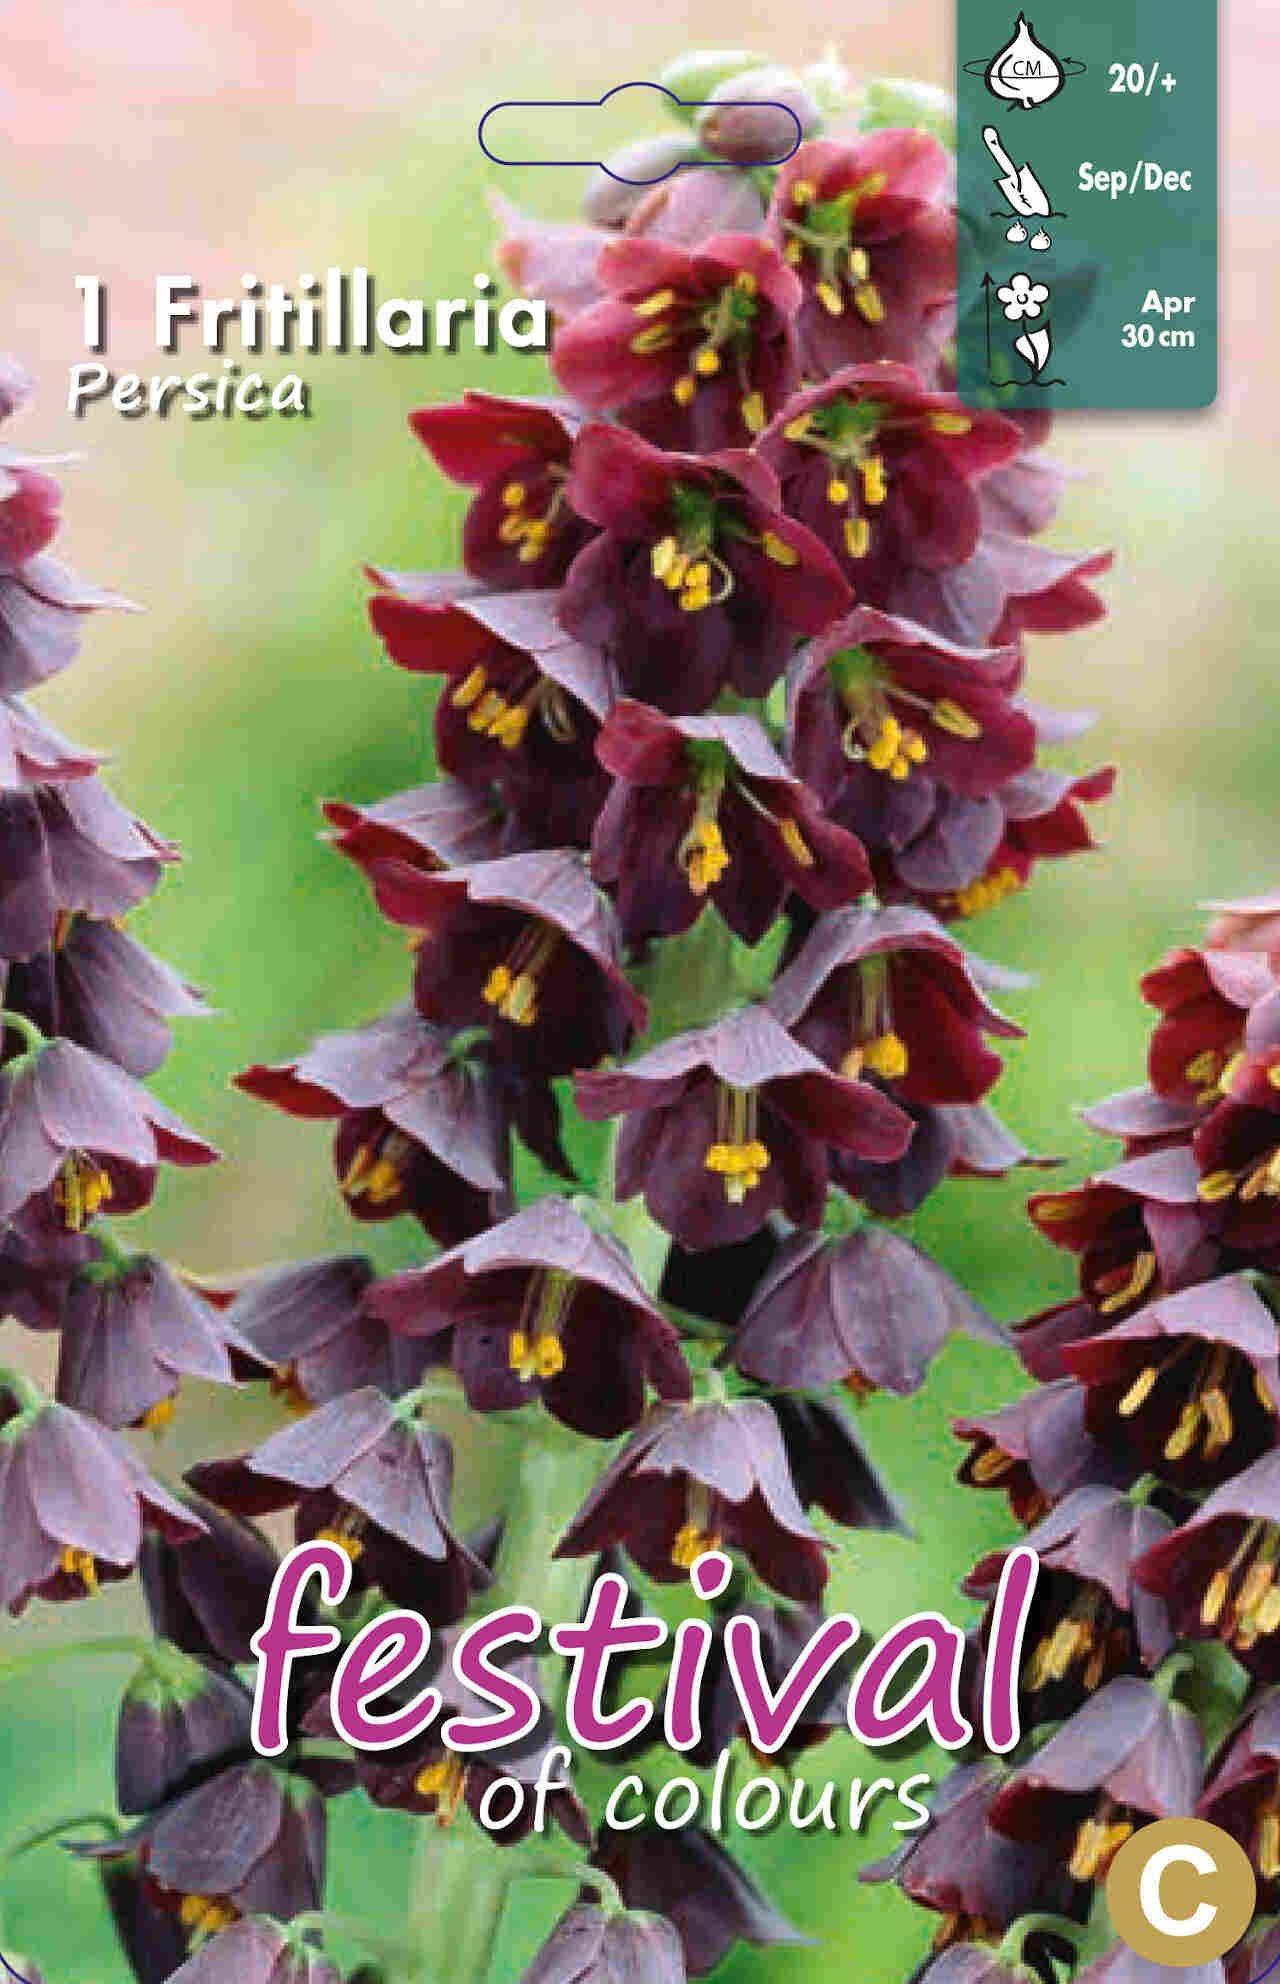 Persisk Vibeæg - Fritillaria Persica 20/+